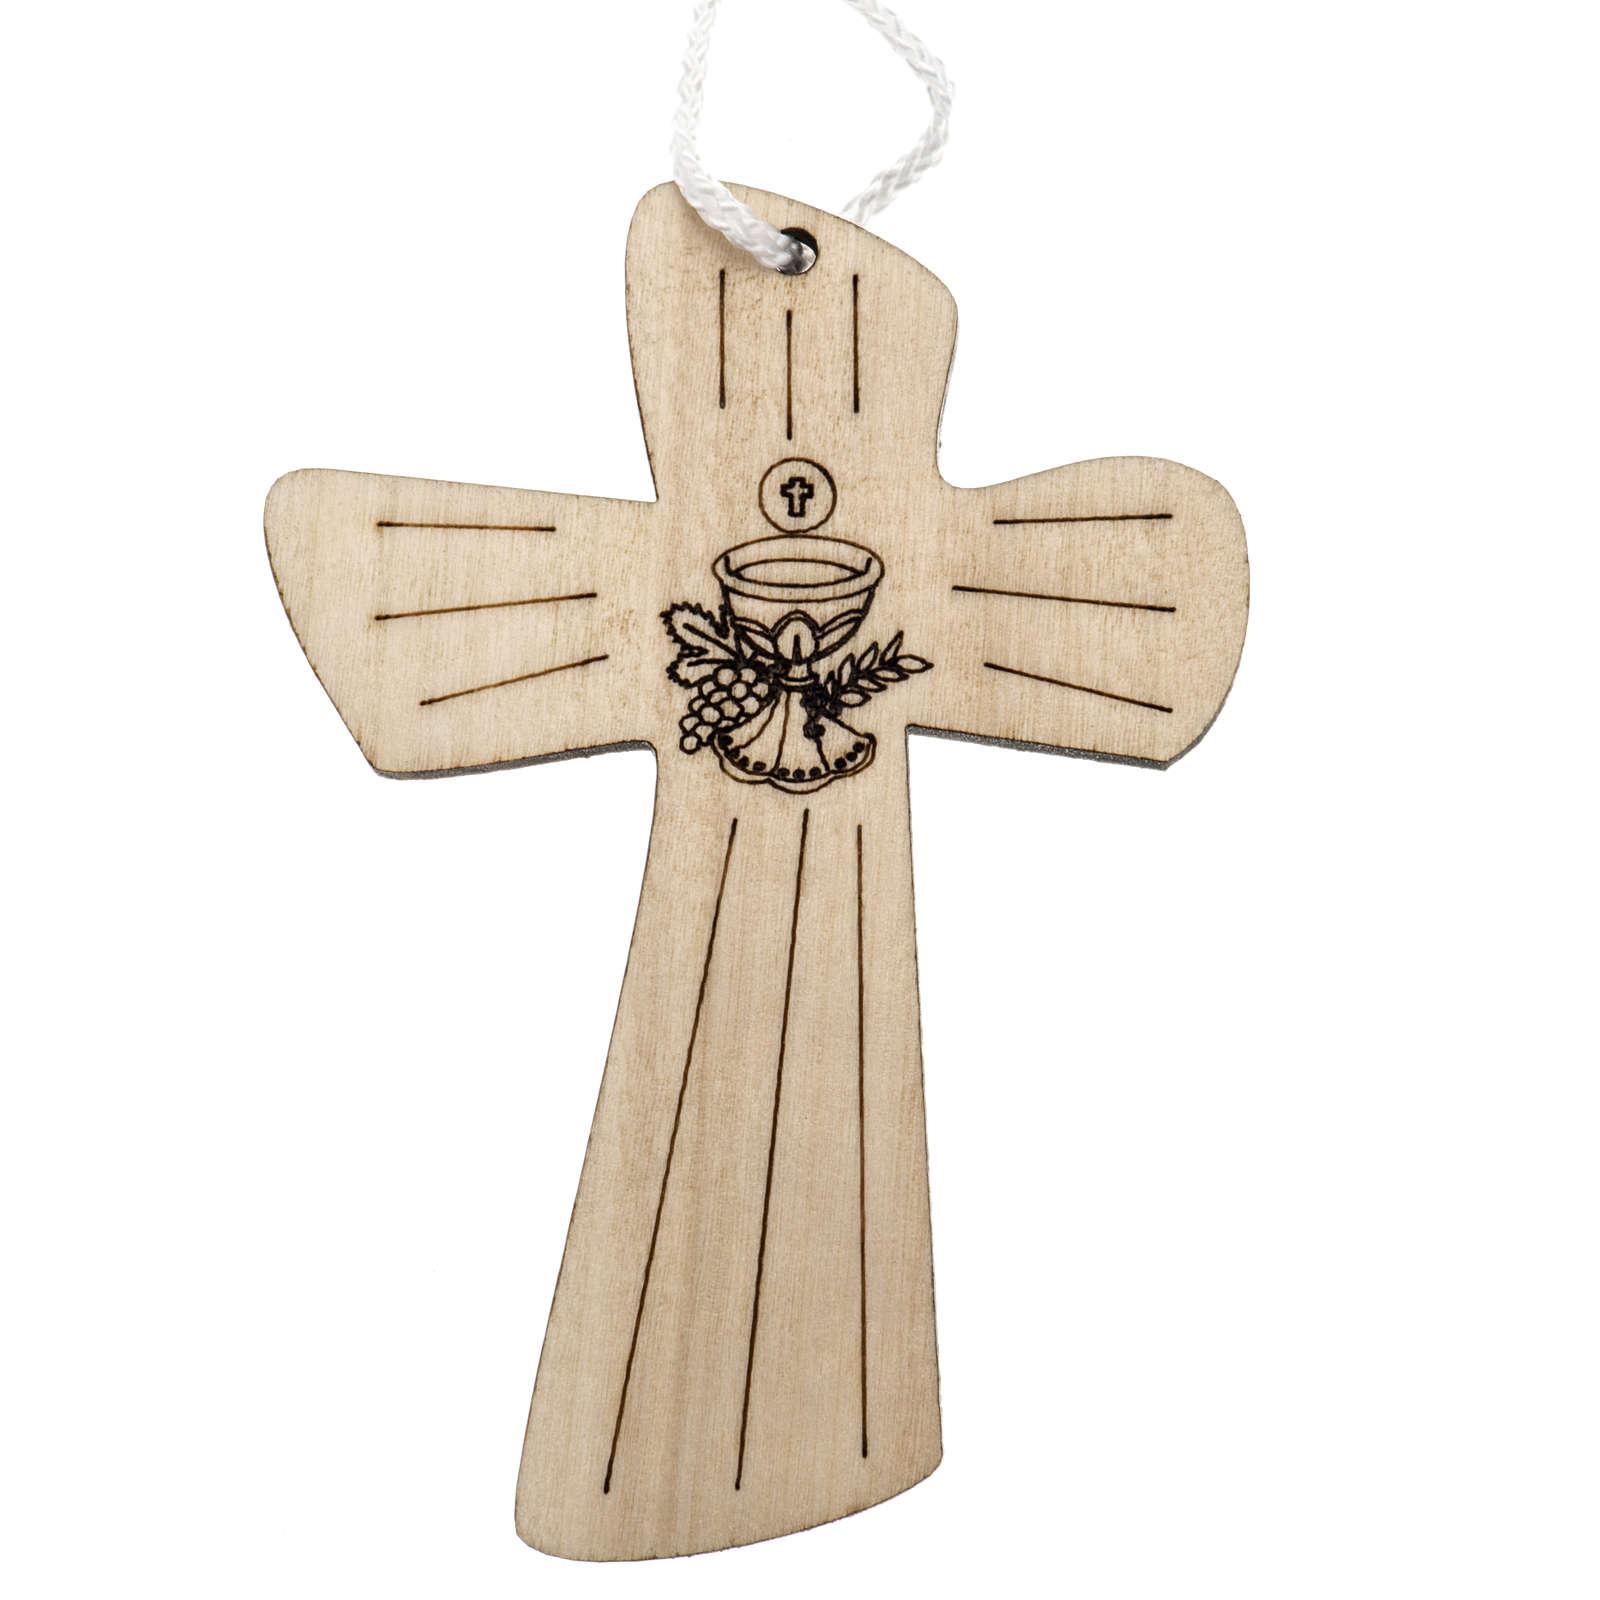 Croce Prima Comunione legno calice ostia 9,8x7,2cm 4